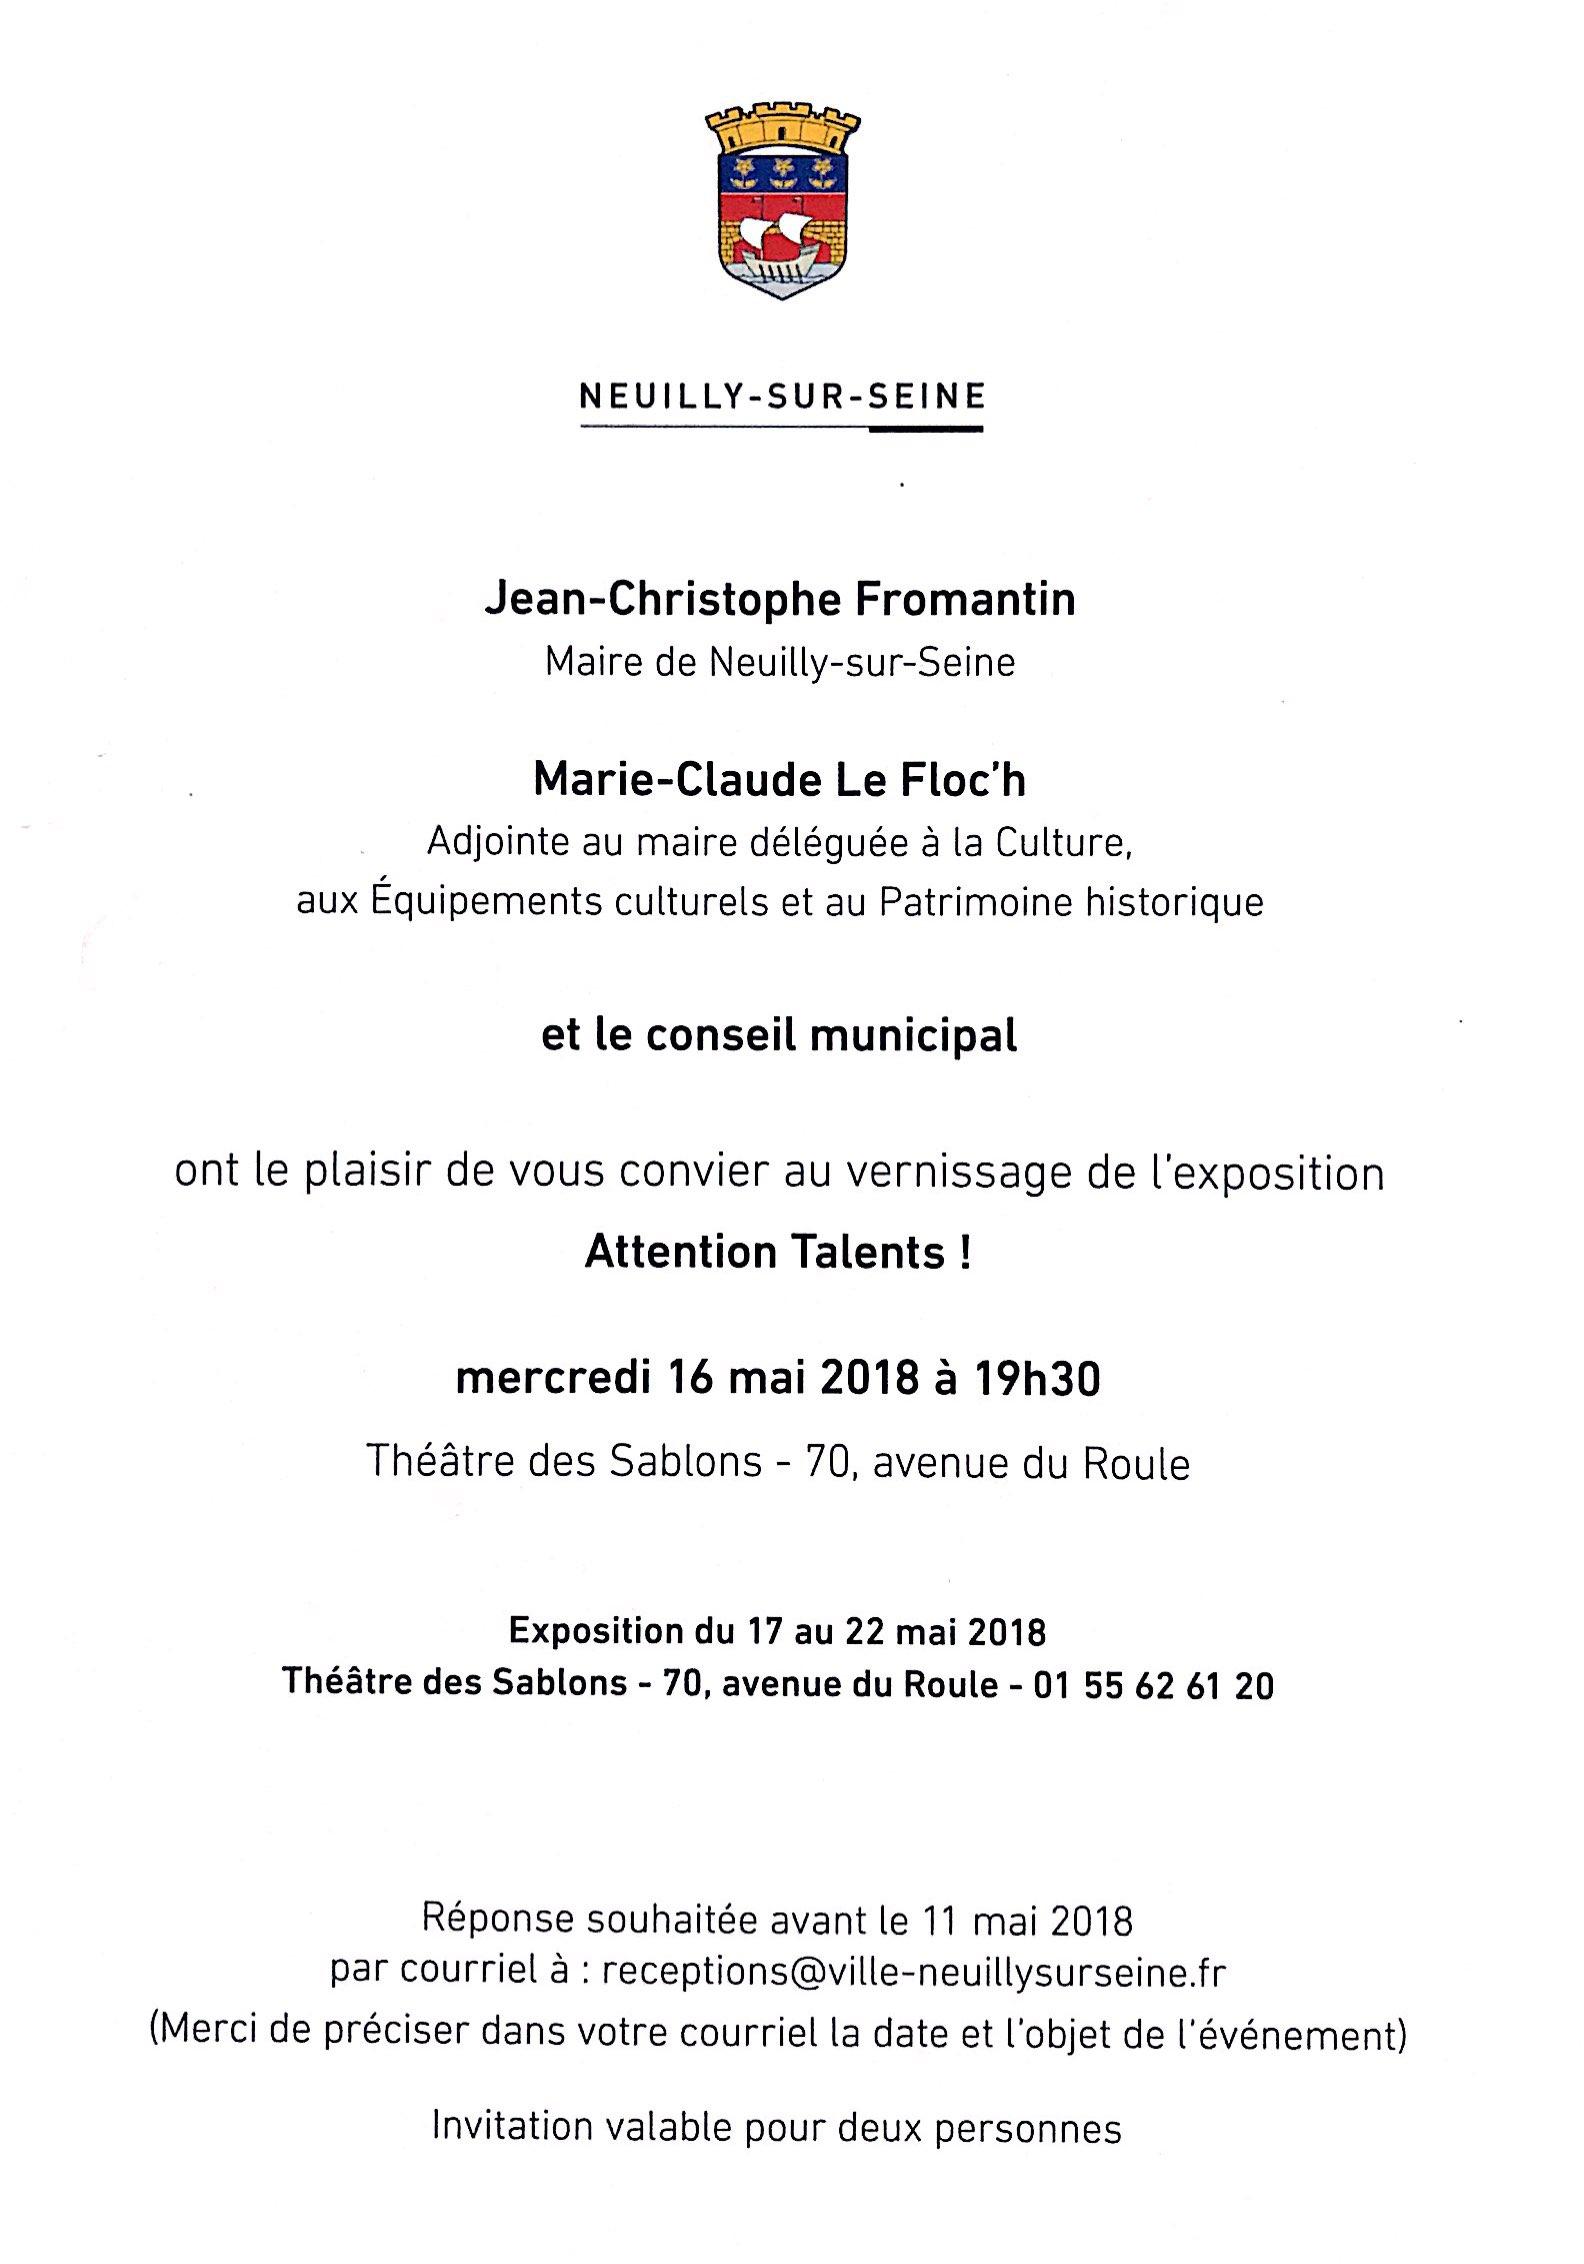 nouveau document 2018-05-15 20.38.33_1.jpg